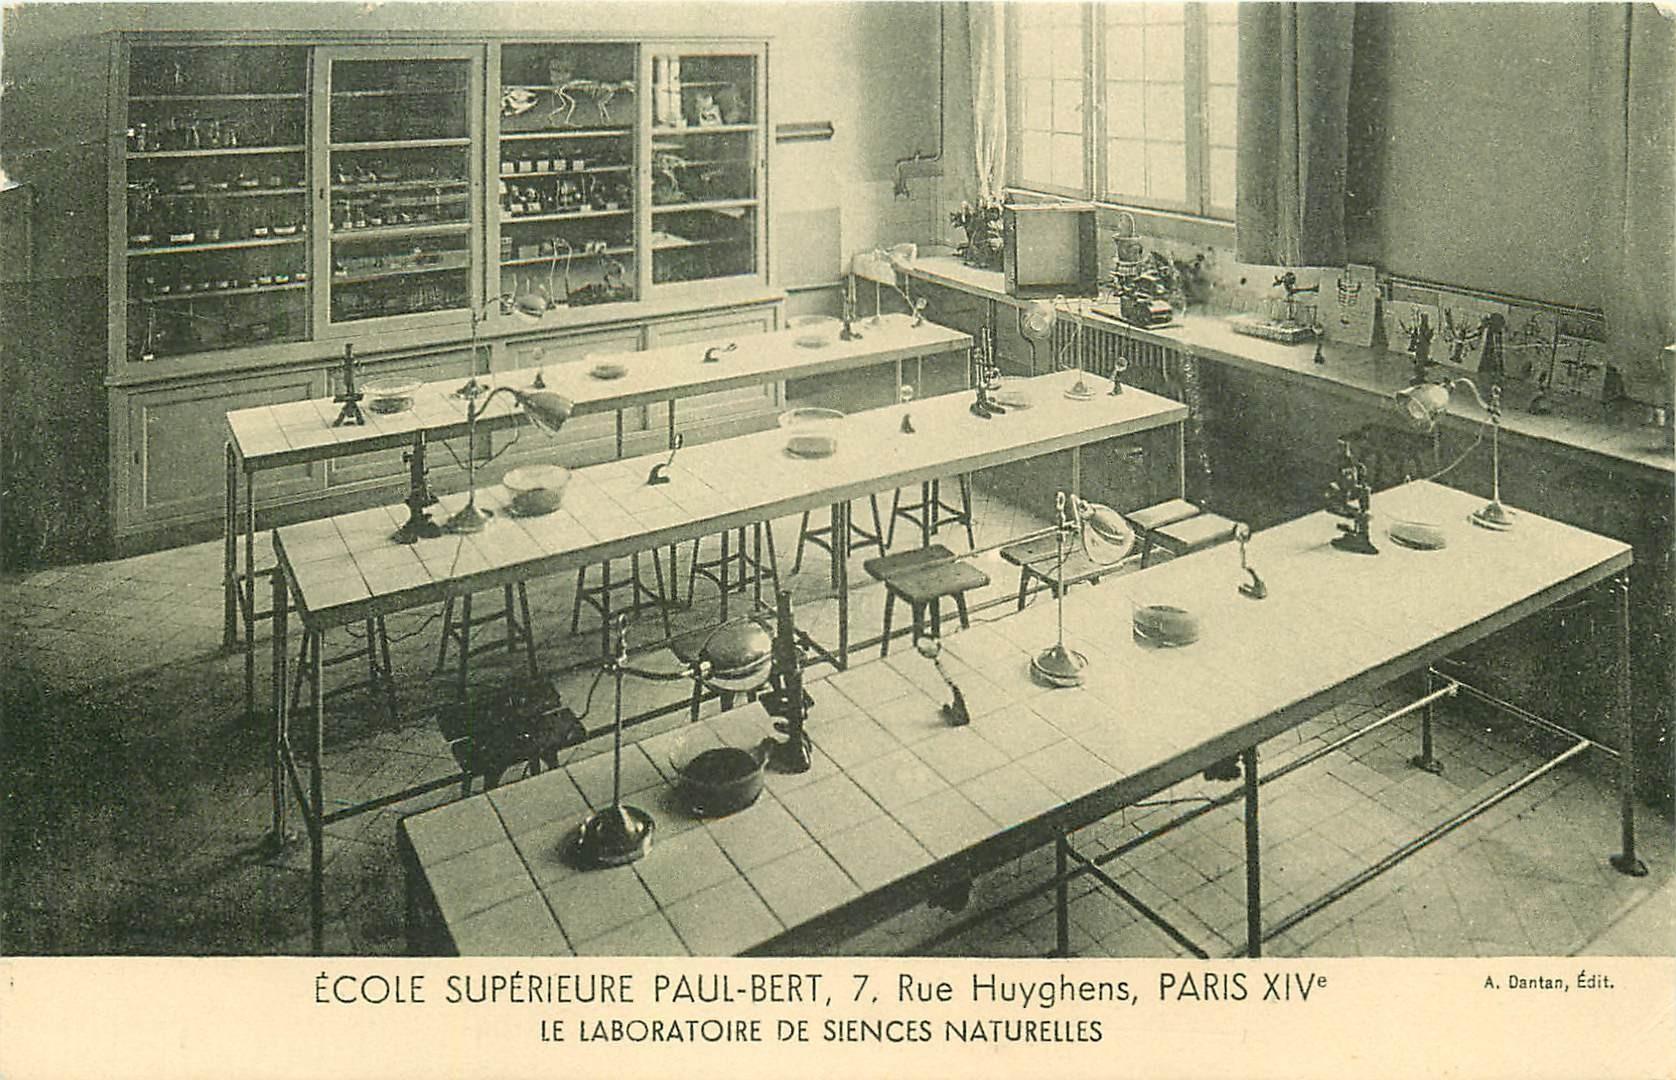 PARIS 14. Ecole Supérieure Paul-Bert 7 rue Huyghens. La boratoire de Sciences naturelles